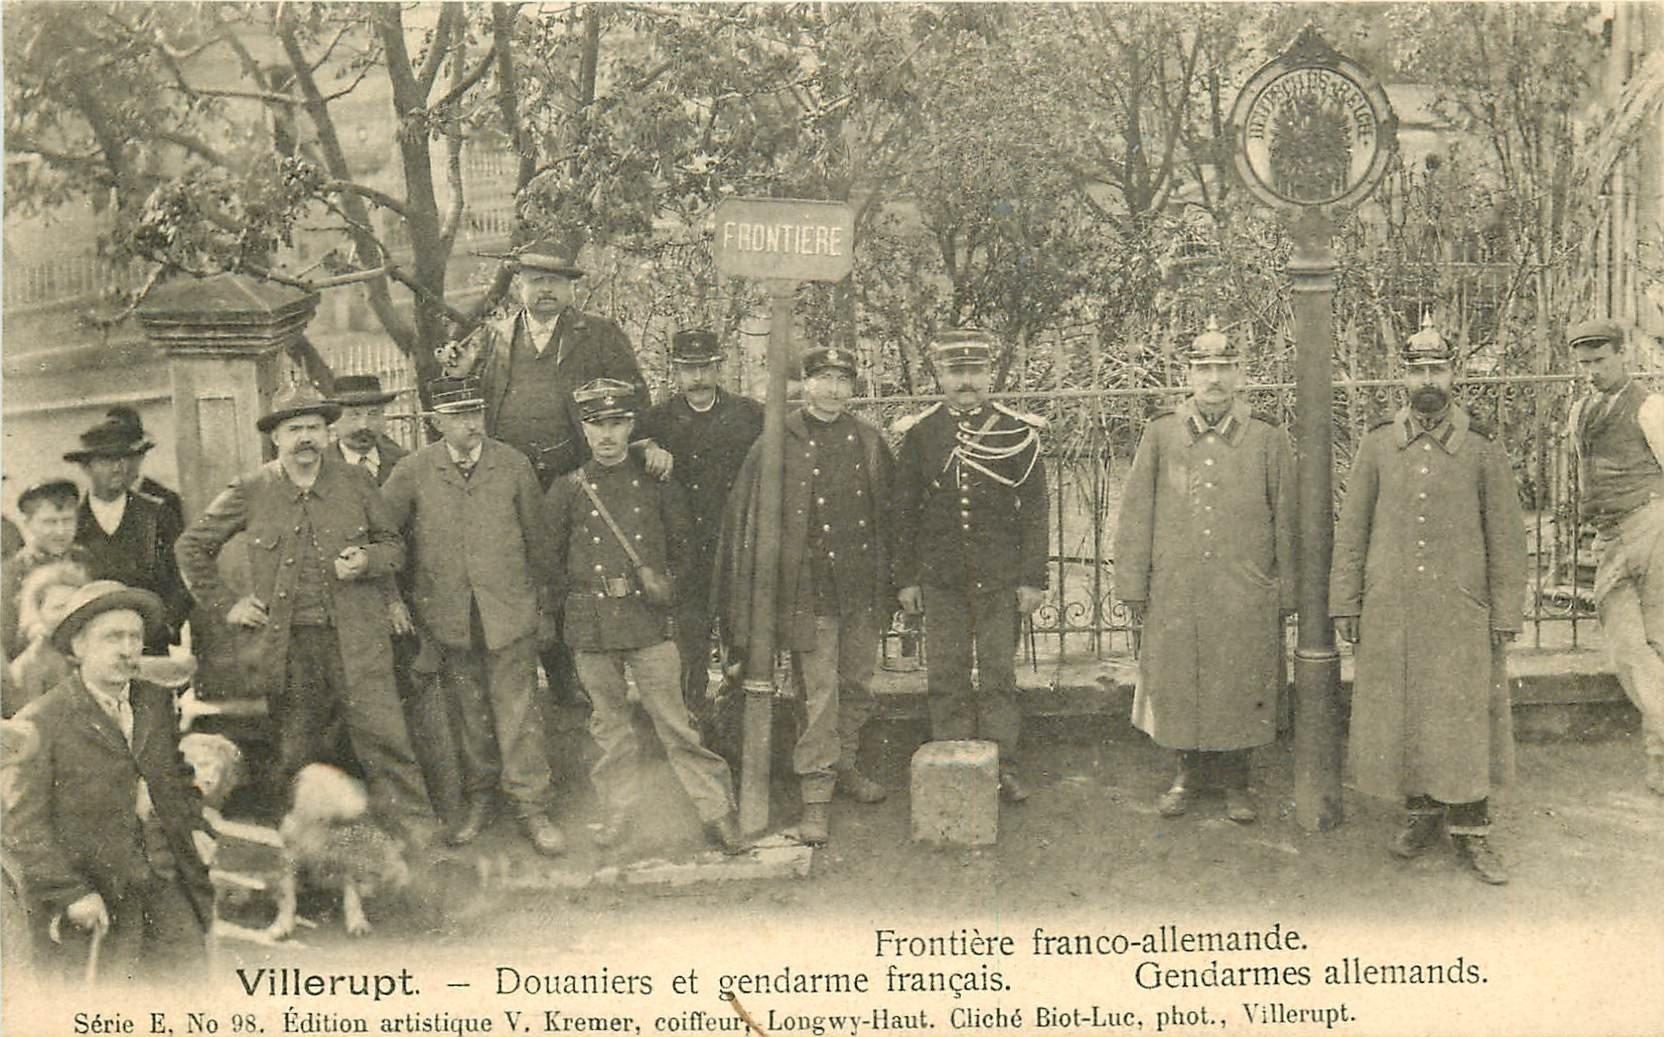 54 VILLERUPT. Douaniers et Gendarmes à la Frontière